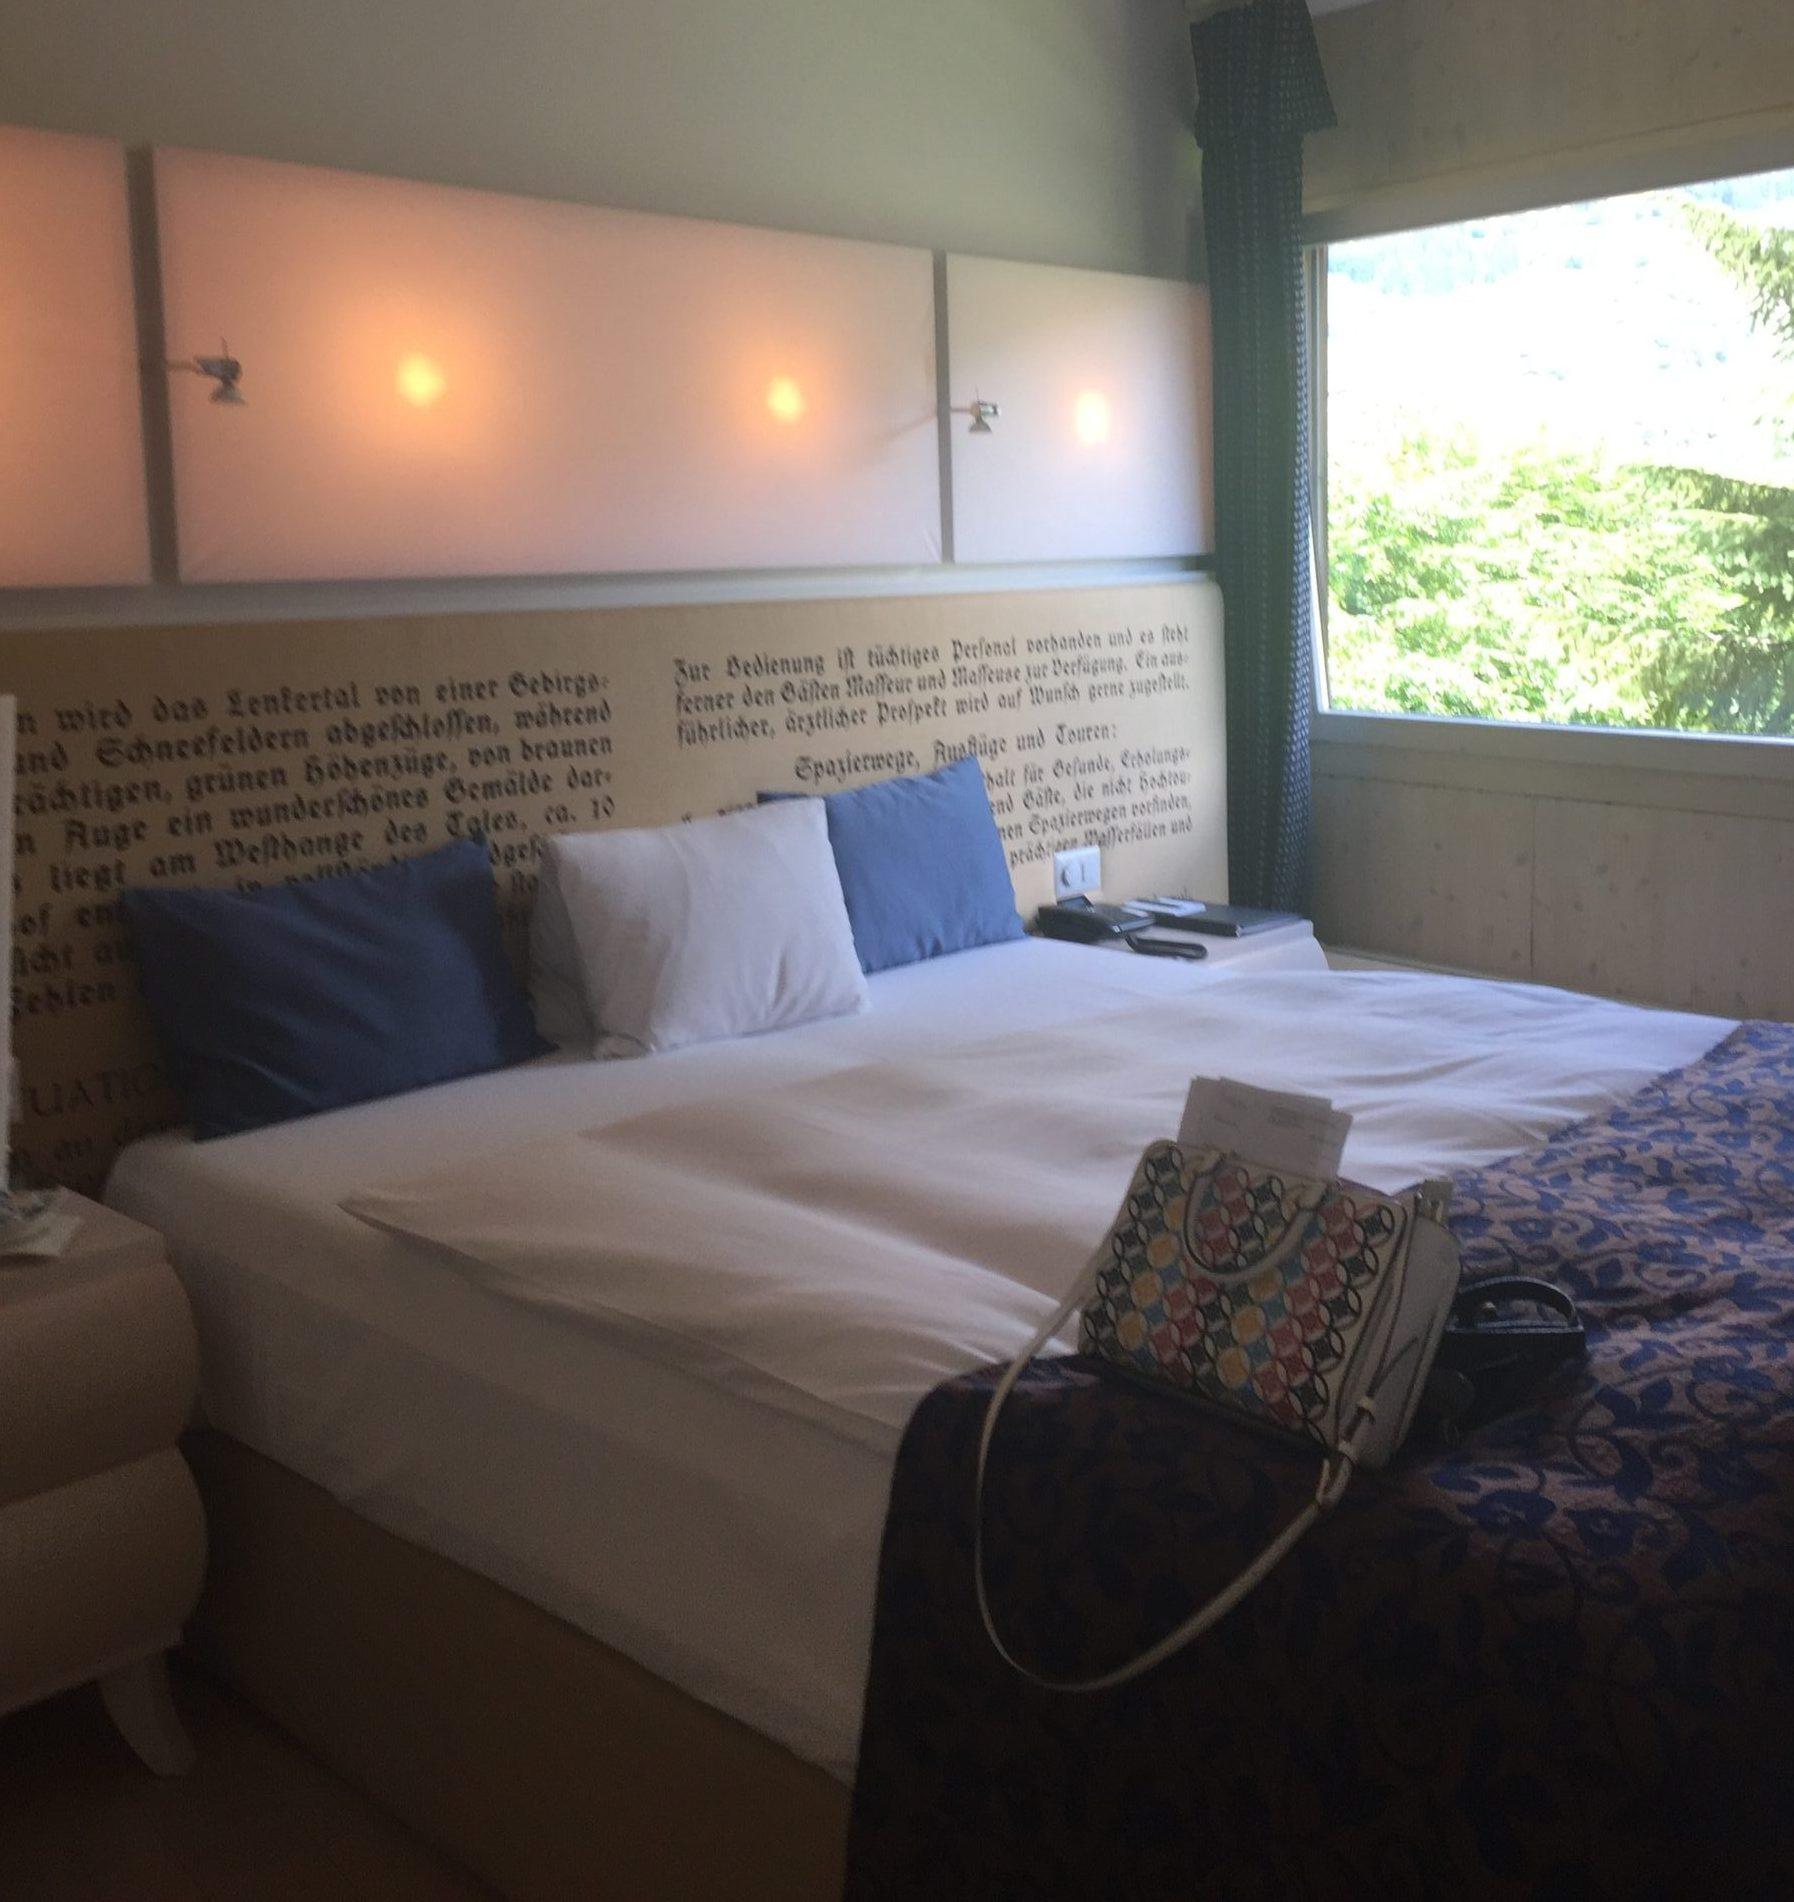 Loft Suite - Trennbarer Schlaf- Wohnbereich, freistehender Badewanne und traumhaften Ausblick.